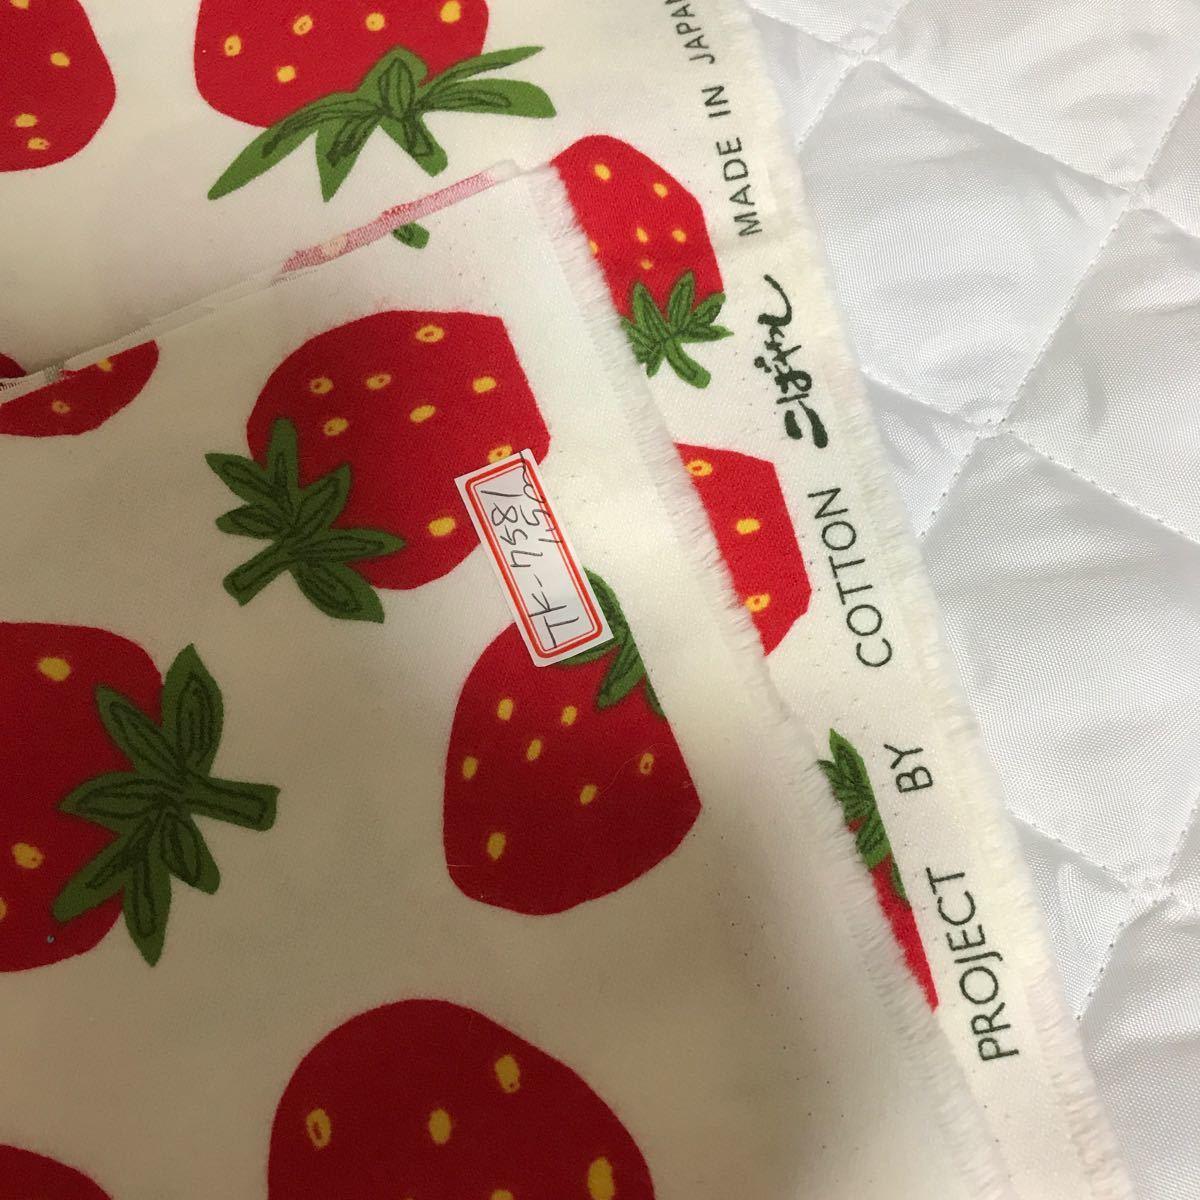 ハギレ 苺